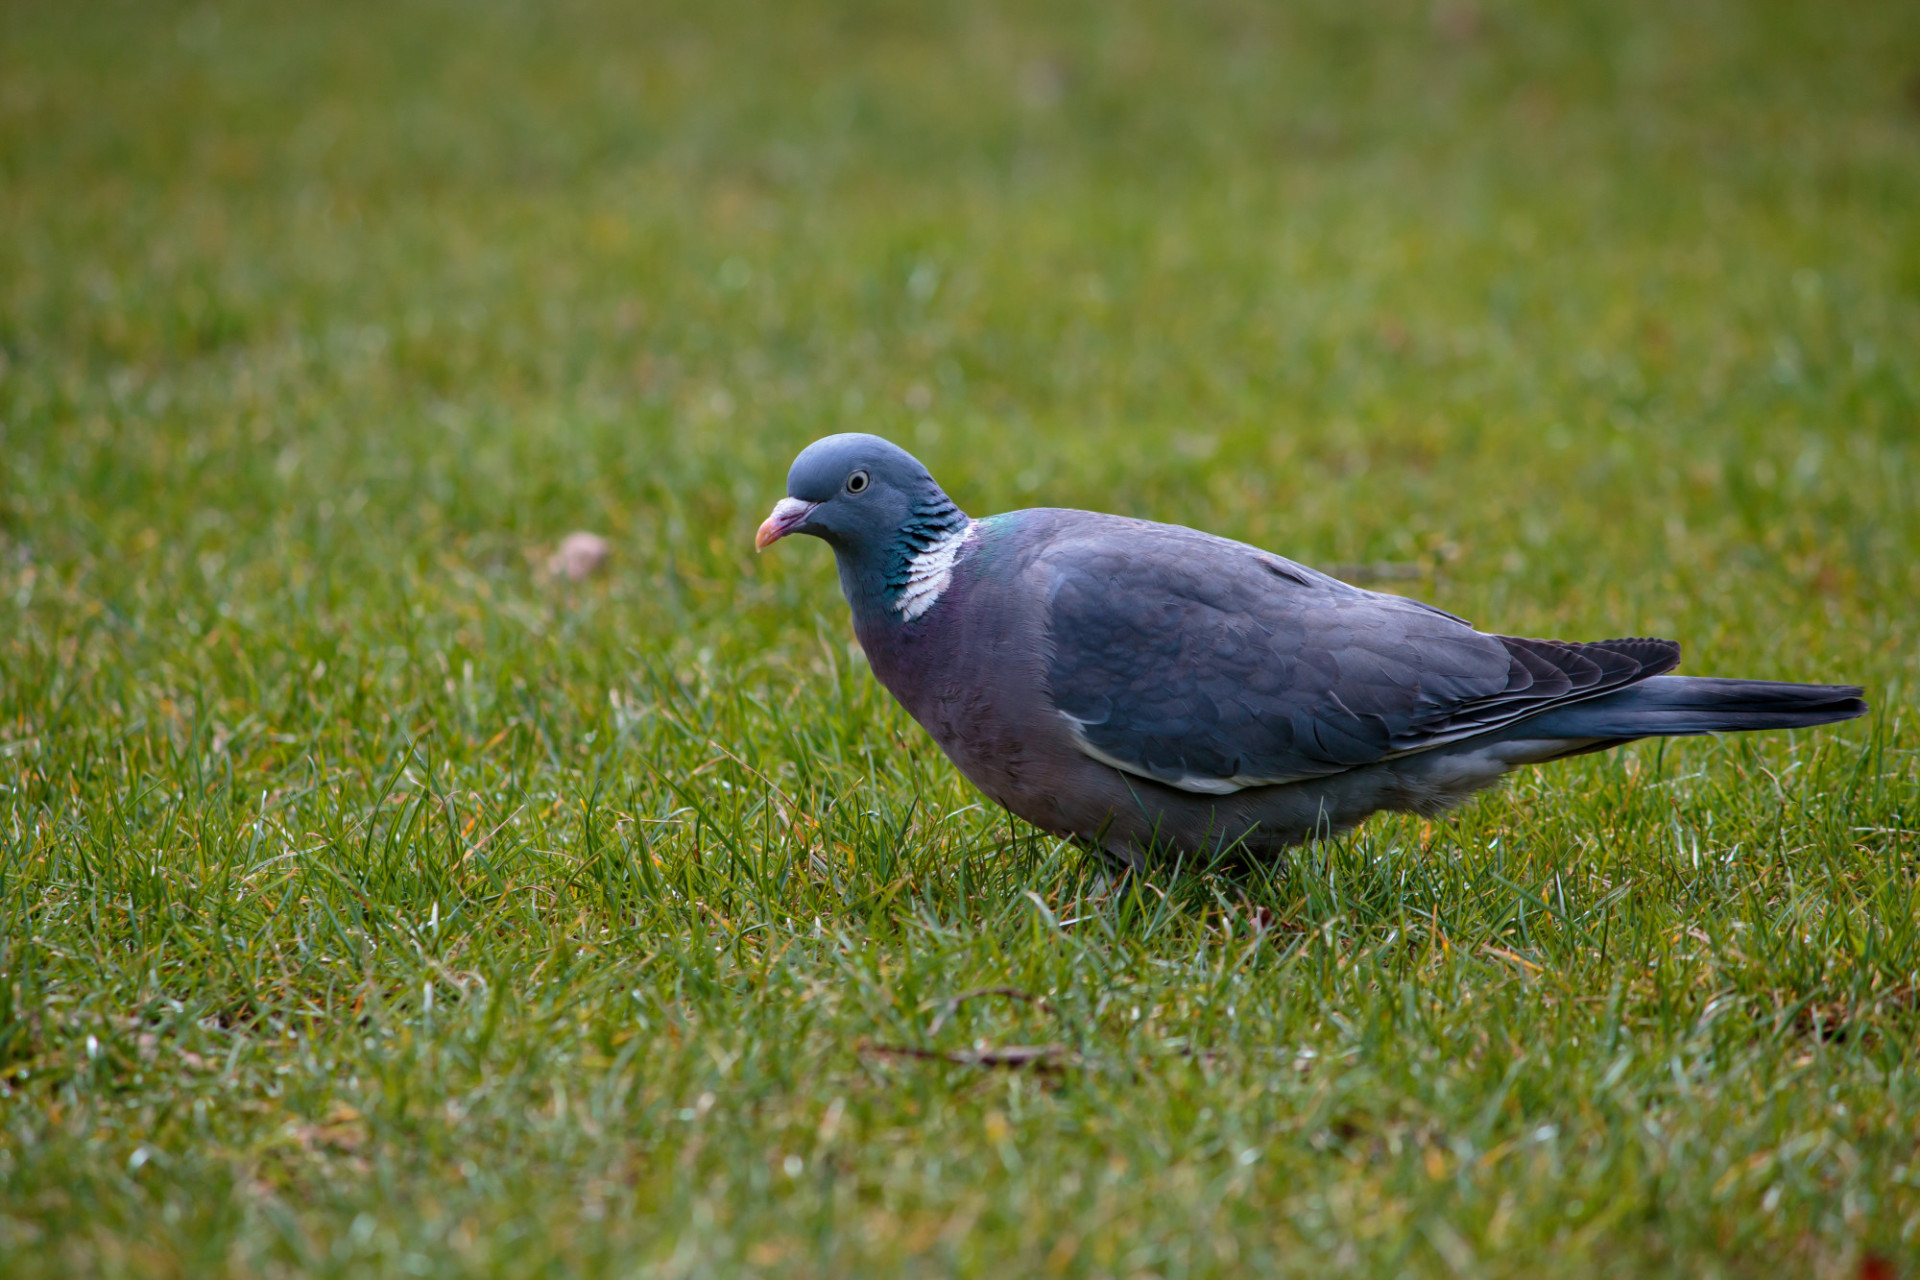 Woodpigeon in a meadow